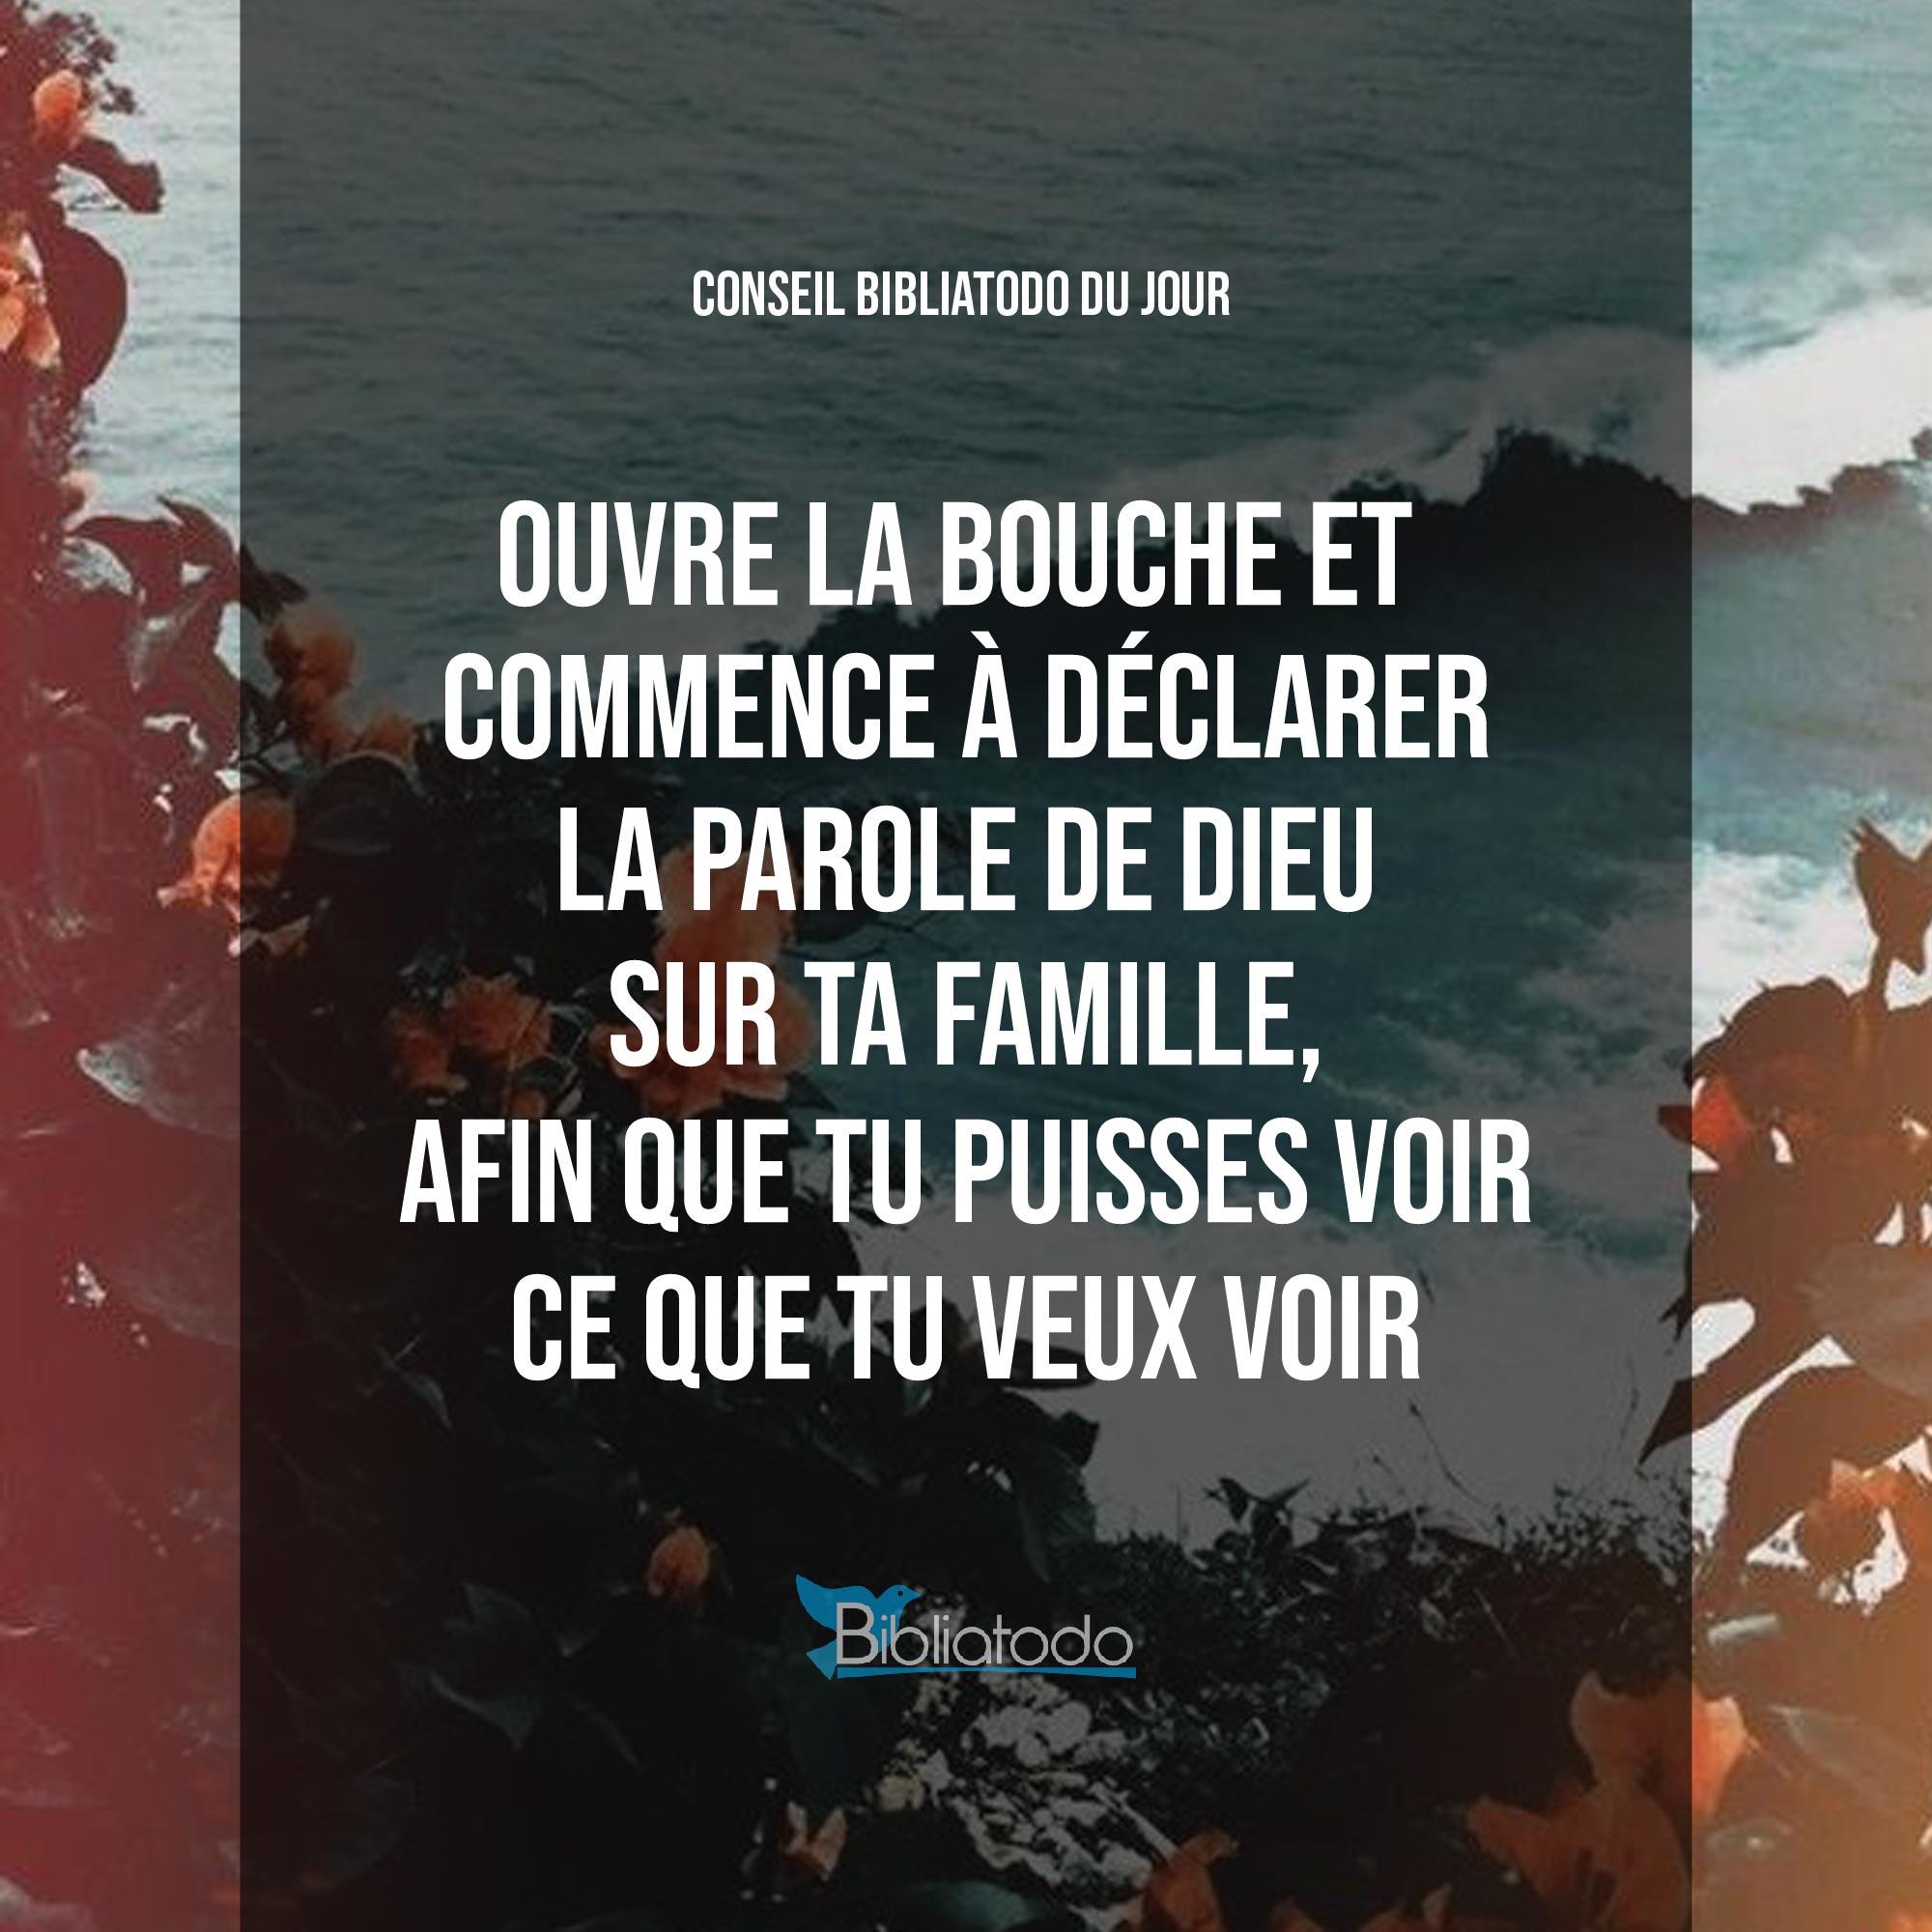 fr-con-784-Ouvre-la-bouche-et-commence-à-déclarer-la-parole-de-Dieu-sur-ta-famille